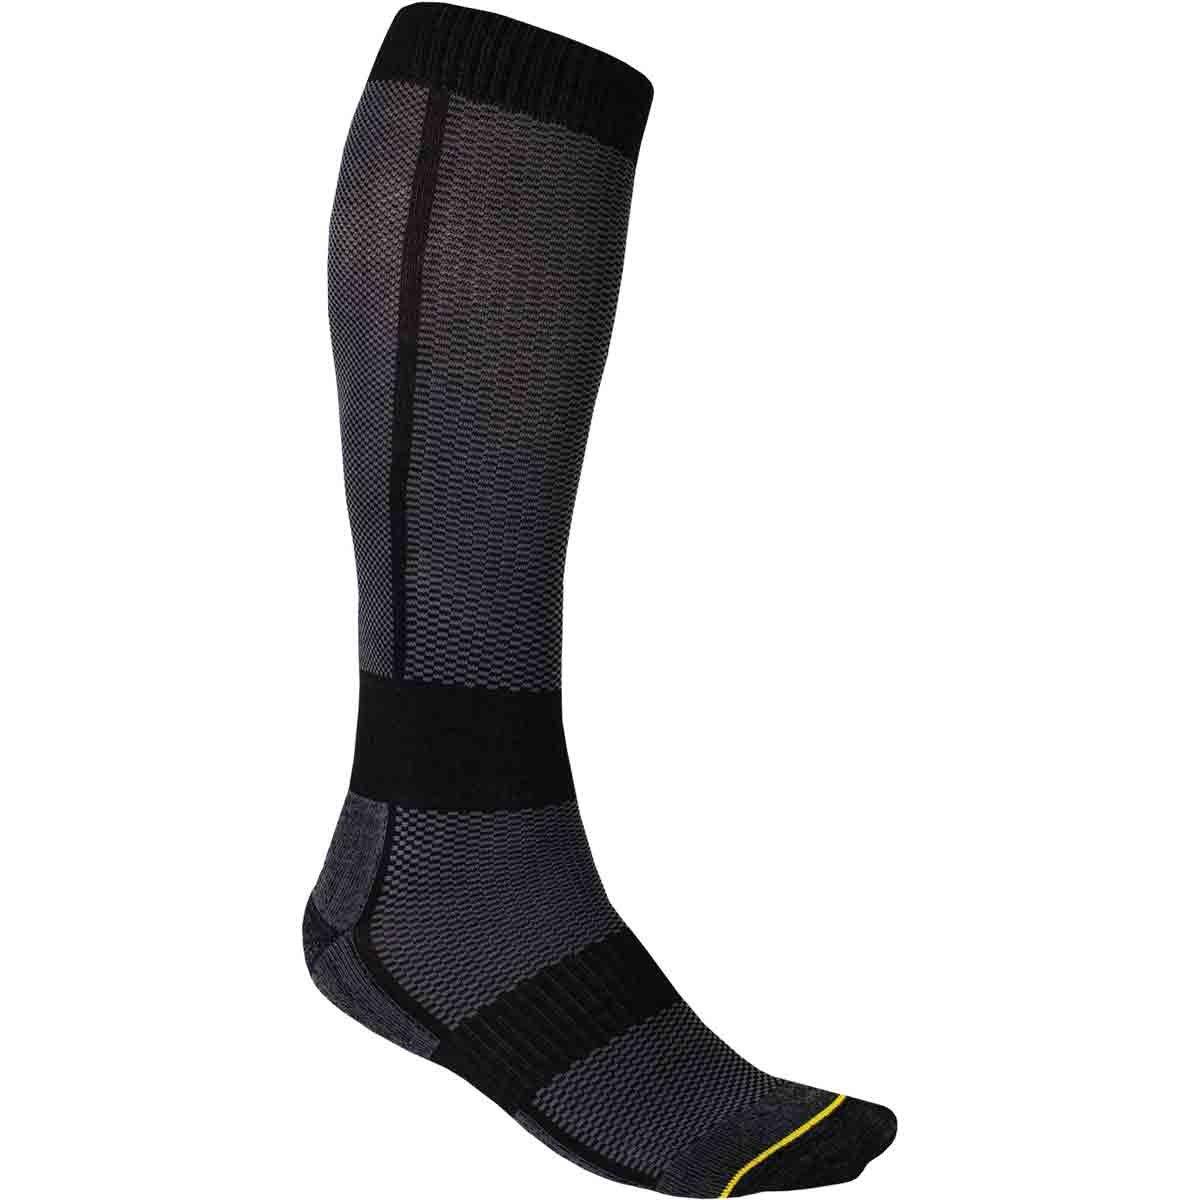 Klim Vented Socks - Gray / Medium